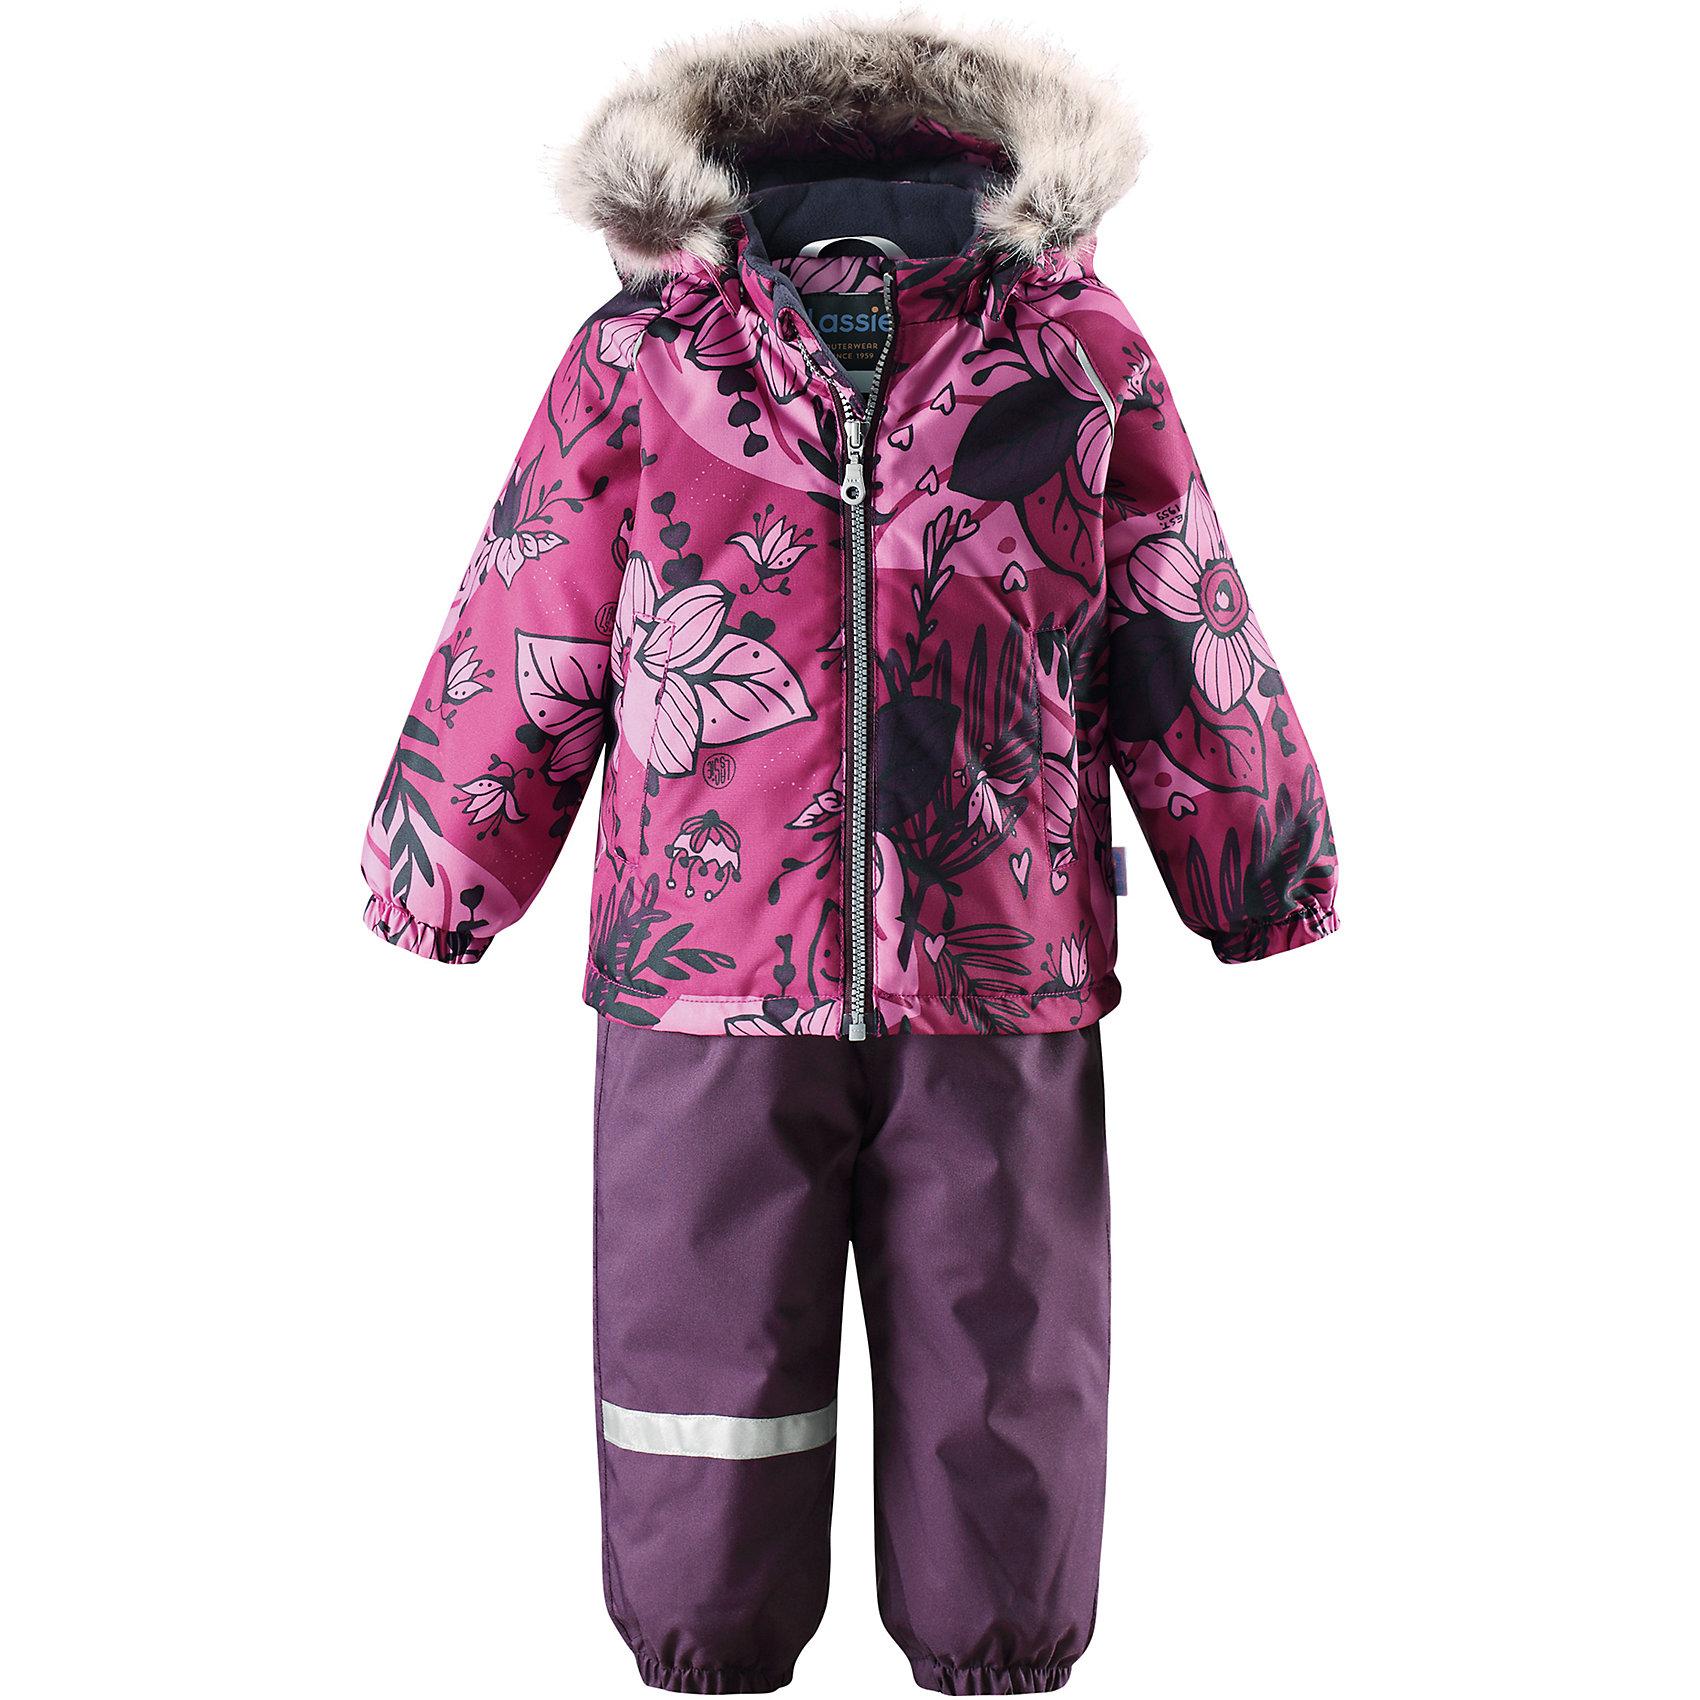 Комплект LassieВерхняя одежда<br>Этот красивый зимний комплект для малышей исполнен волшебного духа зимы, а еще он очень практичный! Комплект изготовлен из прочного, ветронепроницаемого и дышащего материала с верхним водо- и грязеотталкивающим слоем, он обеспечивает полный комфорт во время веселых прогулок. Безопасный съемный капюшон украшает стильная оторочка из искусственного меха, а регулируемый подол позволяет откорректировать куртку идеально по фигуре. Обратите внимание на удобные съемные штрипки, за счет которых брюки не будут задираться, и съемные регулируемые подтяжки – брюки не будут спадать, как ни бегай!<br>Состав:<br>100% Полиэстер<br><br>Ширина мм: 356<br>Глубина мм: 10<br>Высота мм: 245<br>Вес г: 519<br>Цвет: розовый<br>Возраст от месяцев: 18<br>Возраст до месяцев: 24<br>Пол: Унисекс<br>Возраст: Детский<br>Размер: 92,98,74,80,86<br>SKU: 6905422